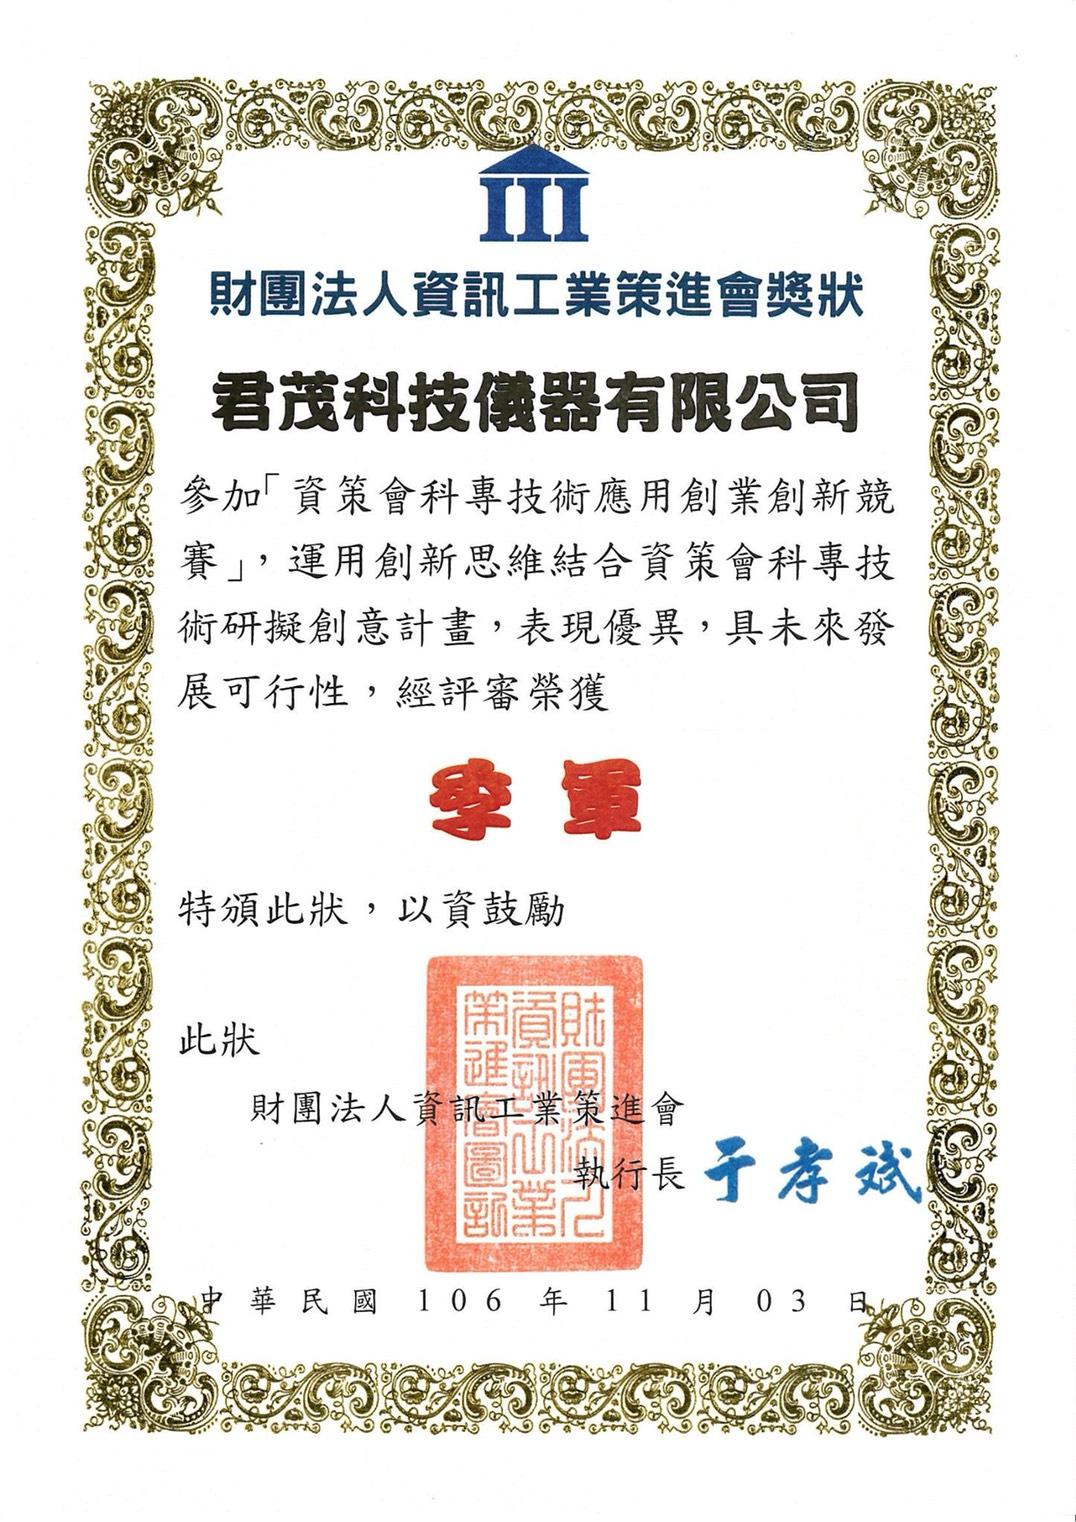 1061103-資策會獎狀.jpg